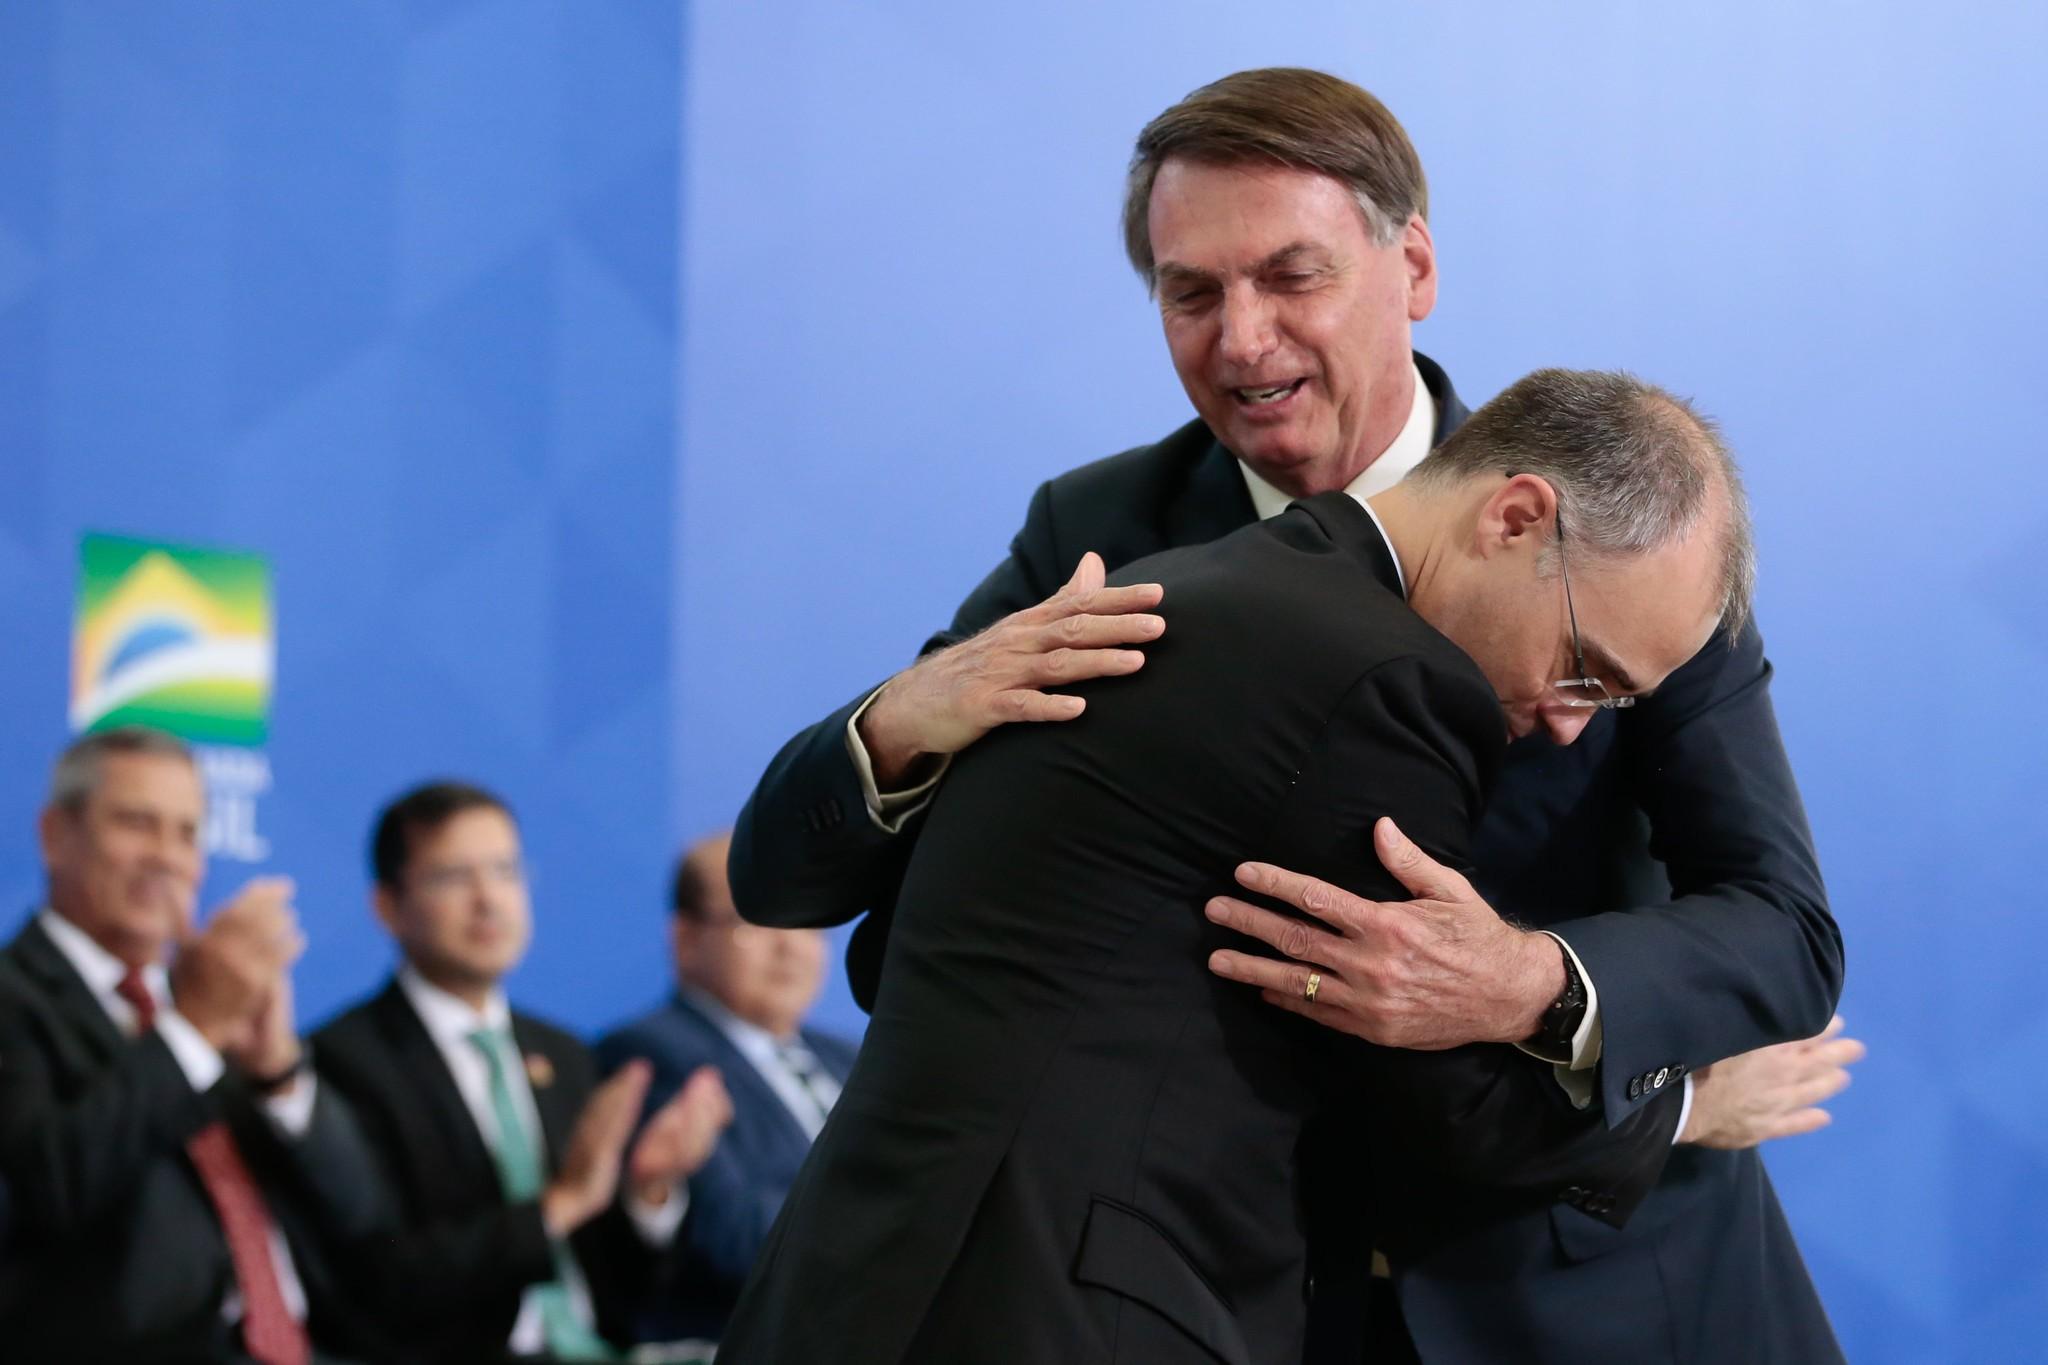 André Mendonça e Jair Bolsonaro